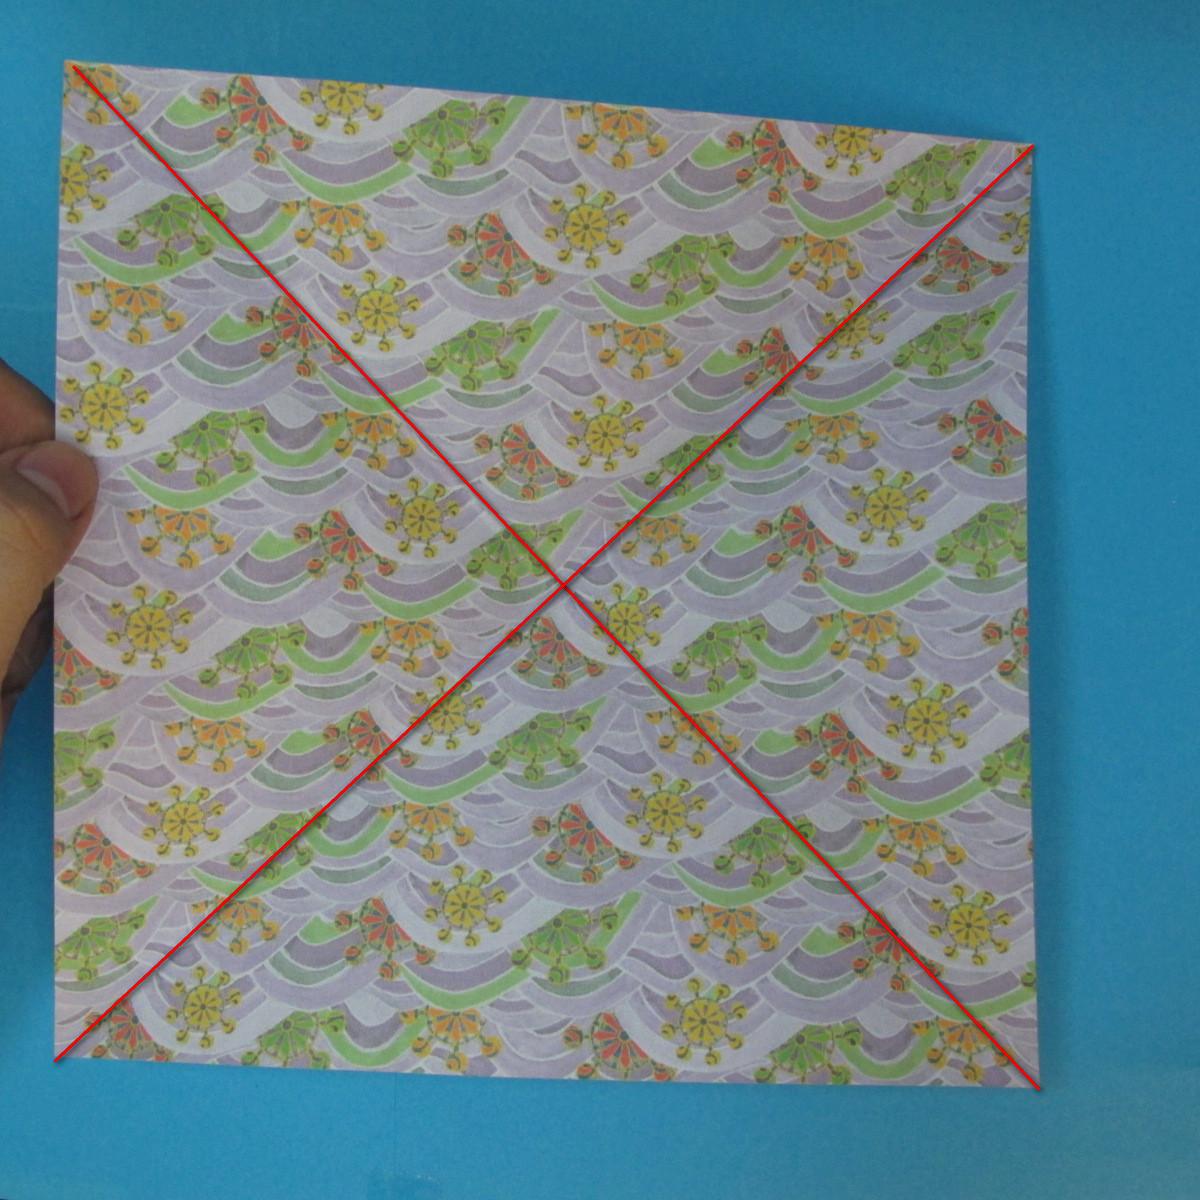 สอนวิธีพับกระดาษเป็นช้าง (แบบของ Fumiaki Kawahata) 002